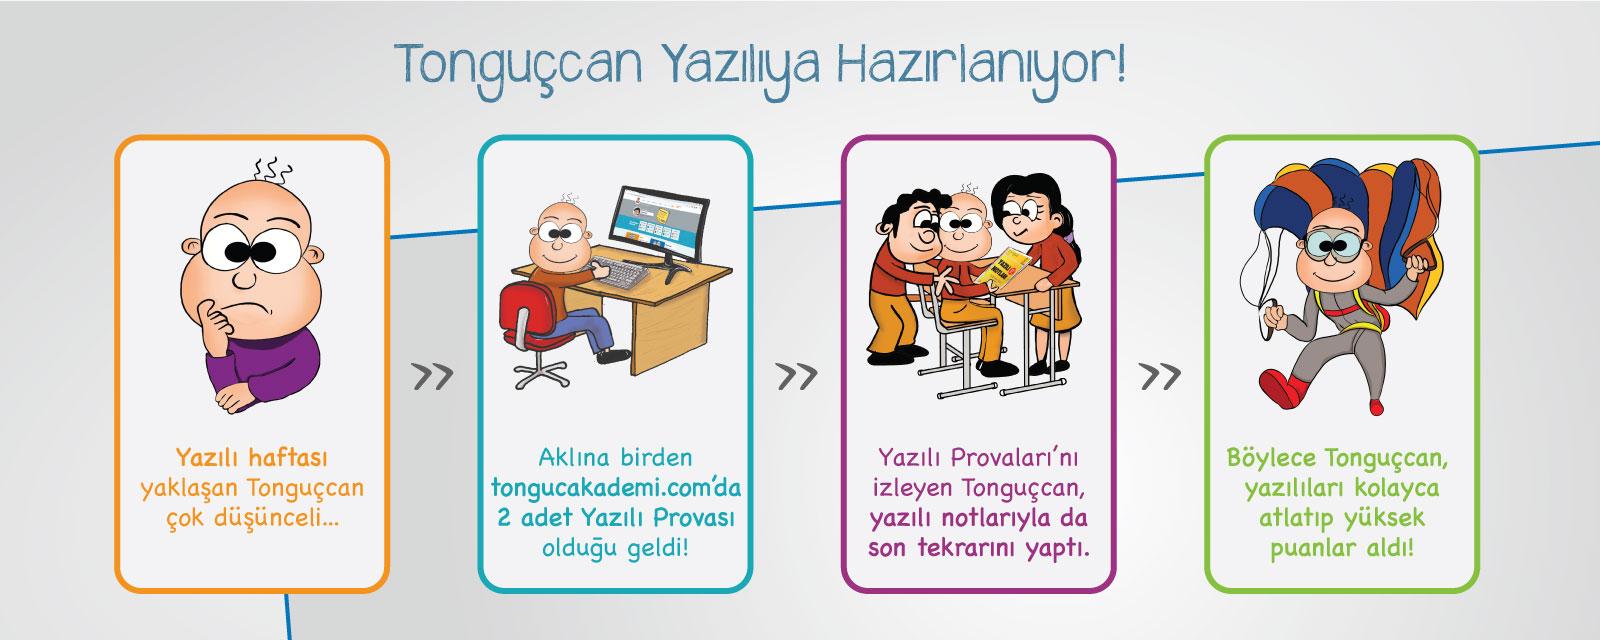 Tonguçcan Yazılıya Hazırlanıyor